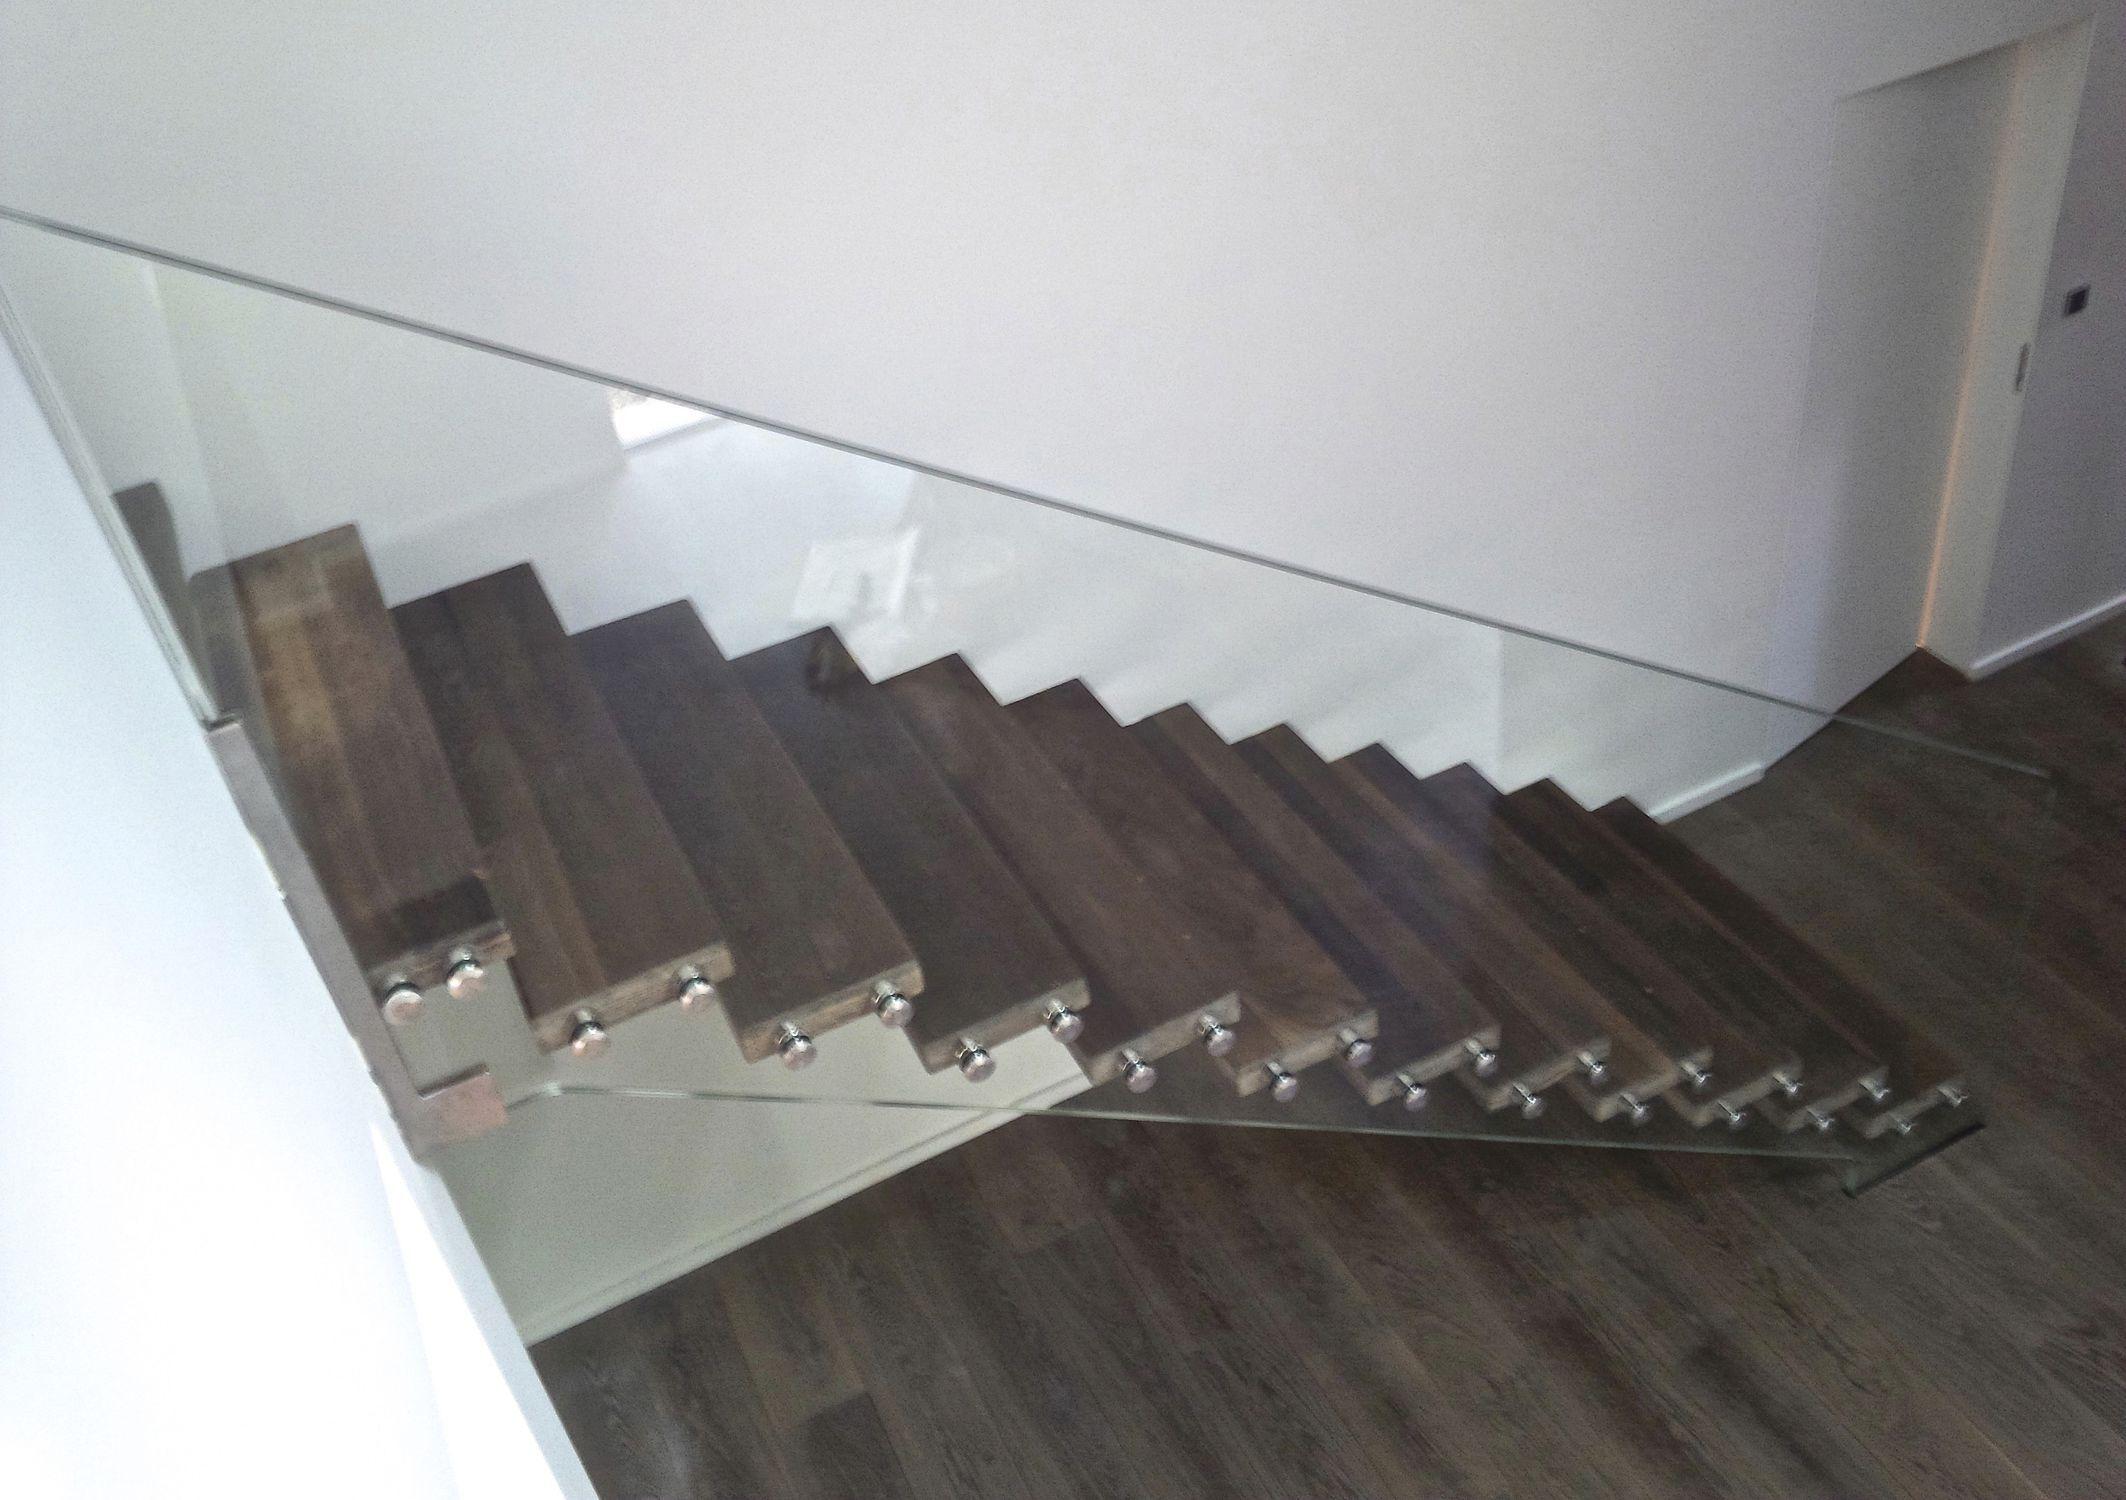 Escalier Droit Sans Rampe se rapportant à escalier droit / marche en chêne / structure en verre / sans